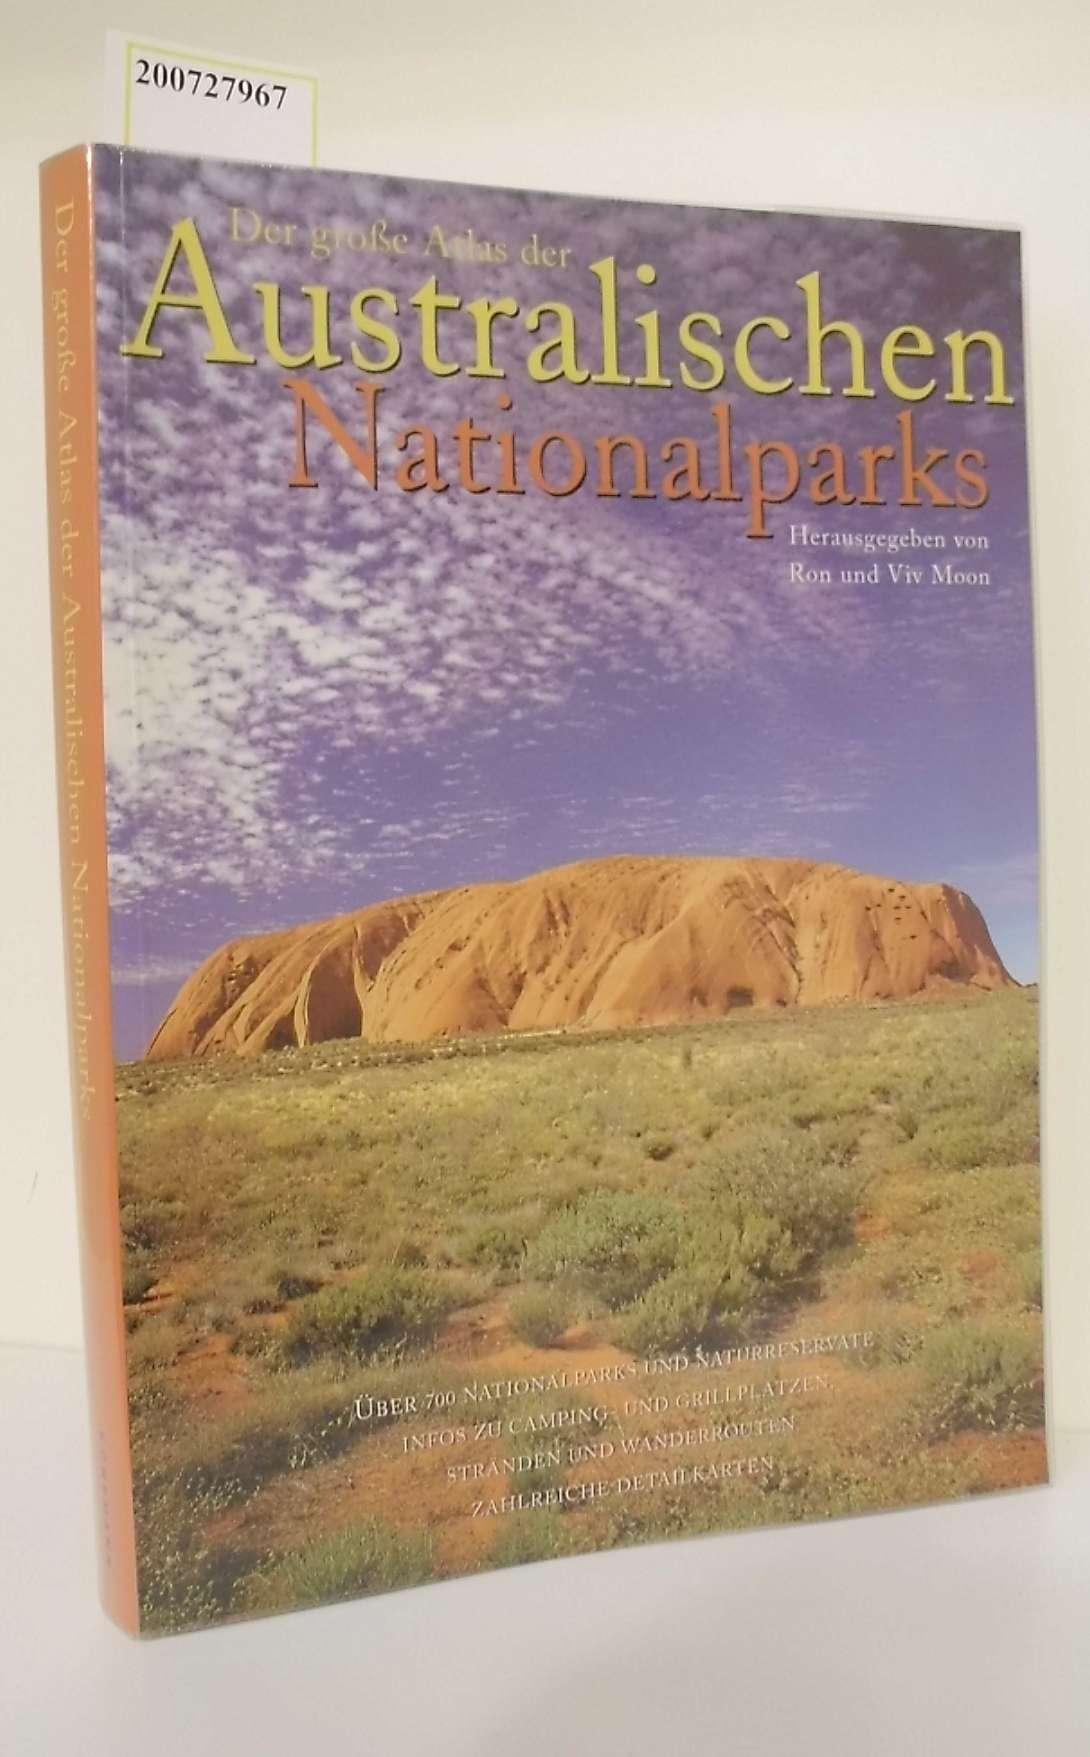 Der große Atlas der Australischen Nationalparks